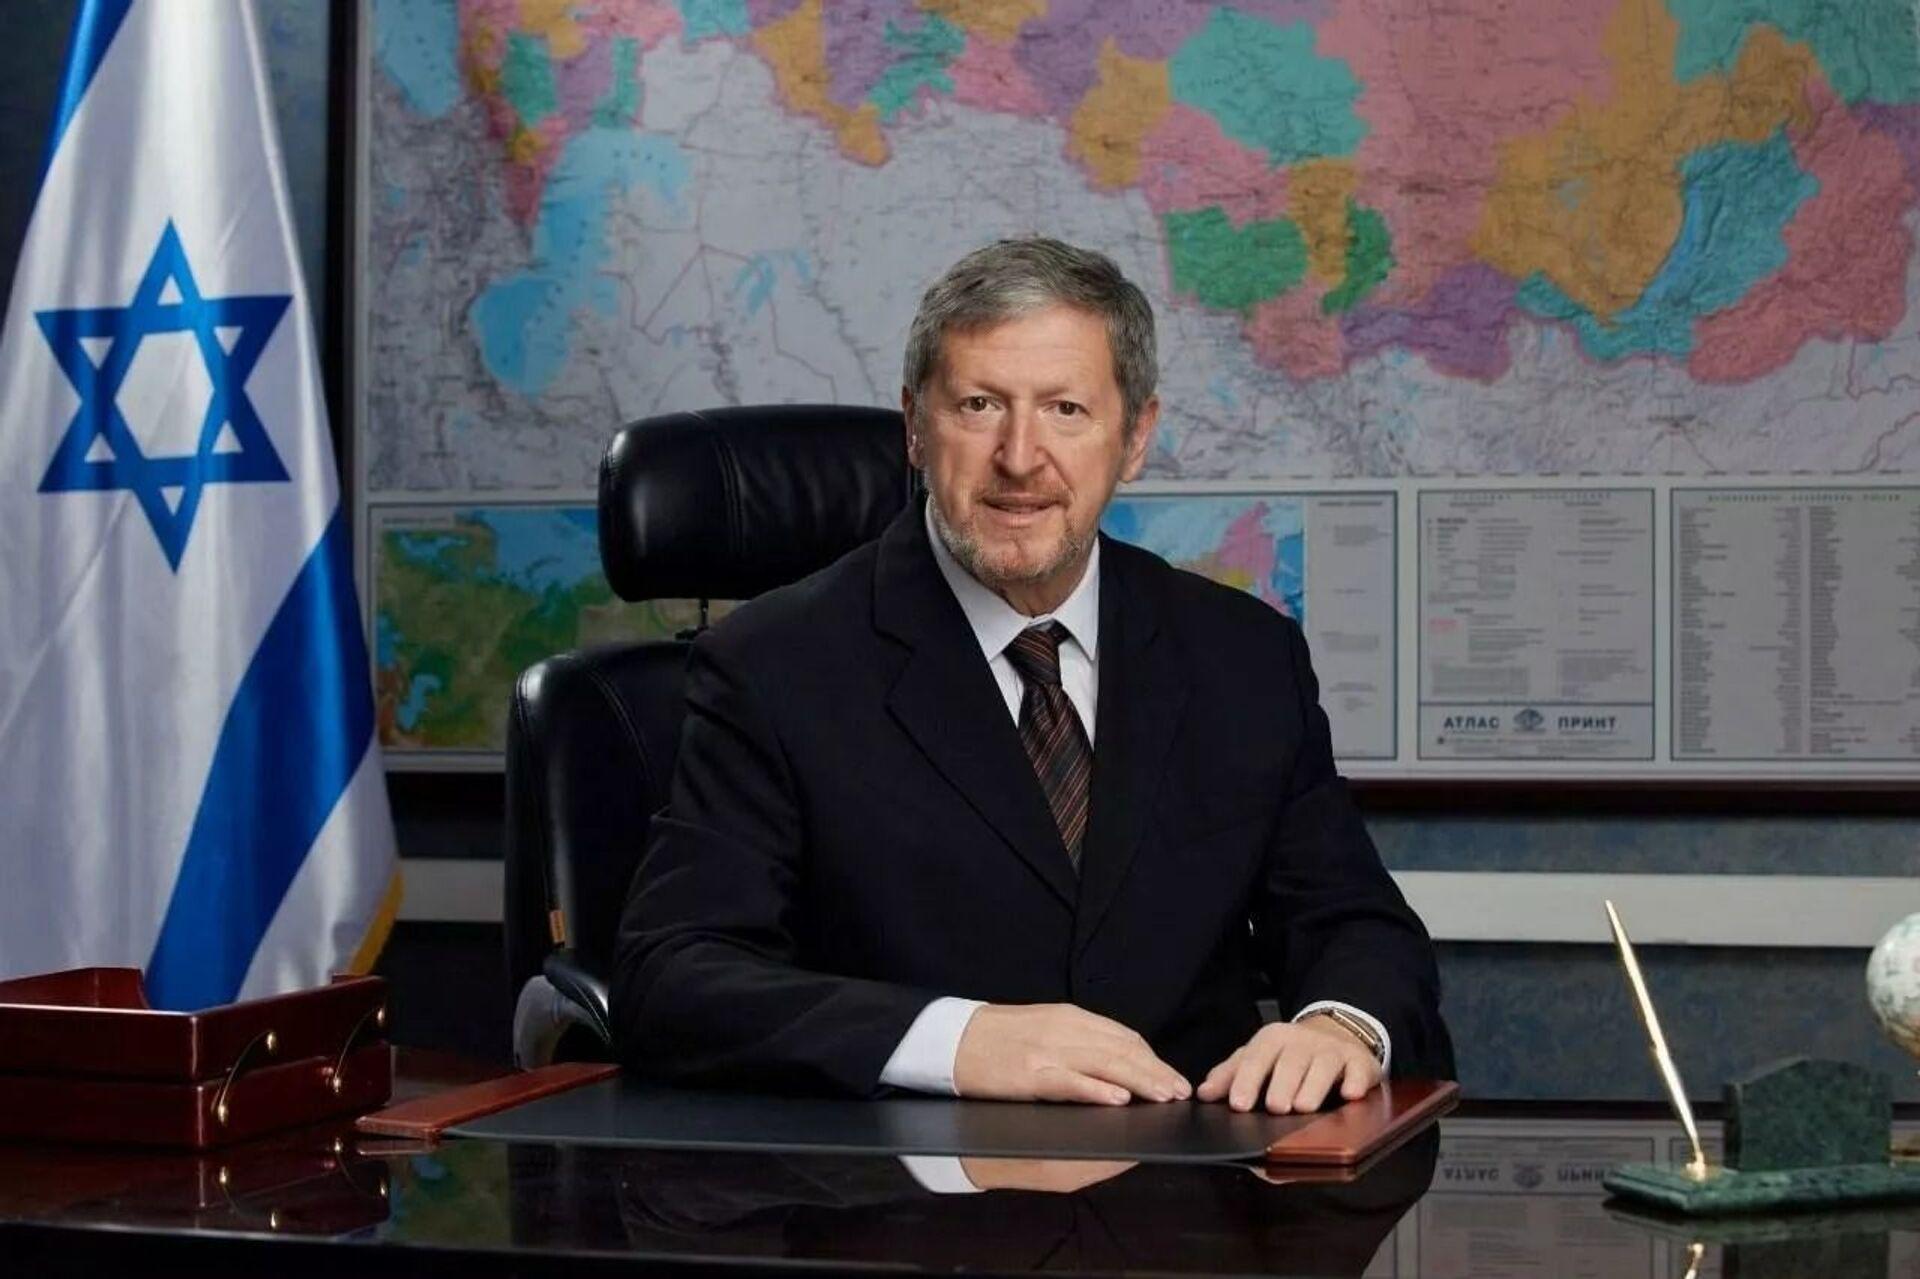 Стоит ли ждать полномасштабной войны между Израилем и Палестиной – отвечает посол в РФ - Sputnik Азербайджан, 1920, 14.05.2021